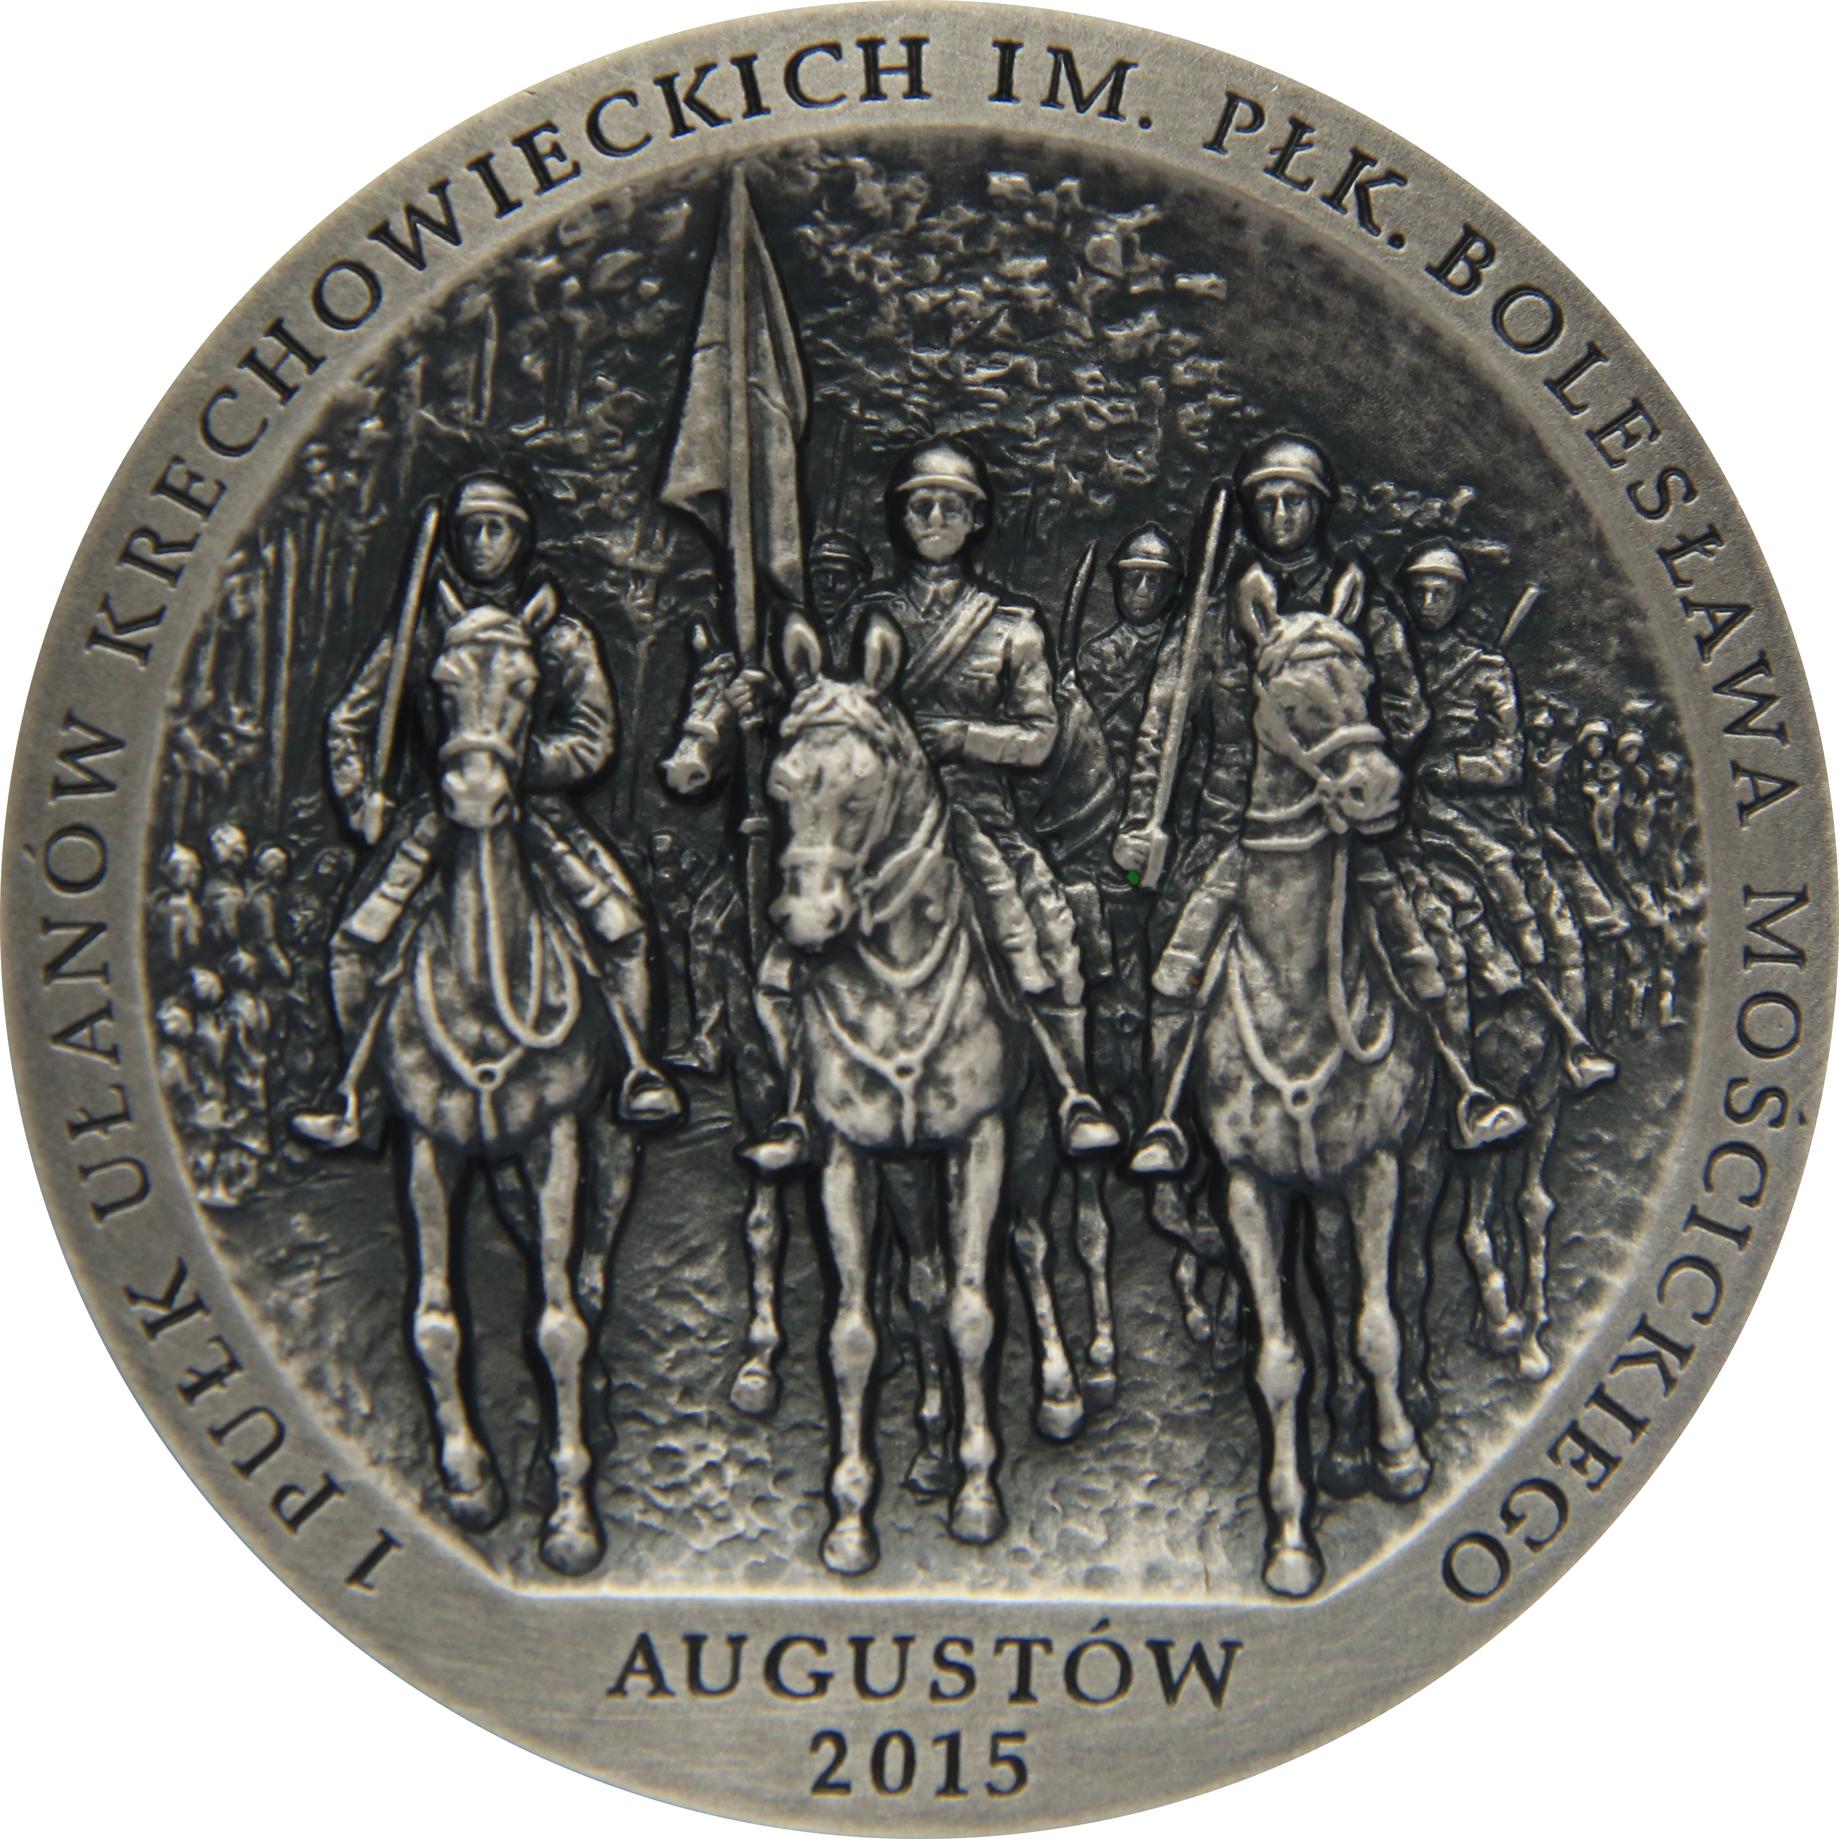 Tadeusz Tchórzewski - 100-lecie 1 Pułku Ułanów Krechowieckich im. płk. Bolesława Mościckiego (rewers), tombak srebrzony, 60 mm, 2015